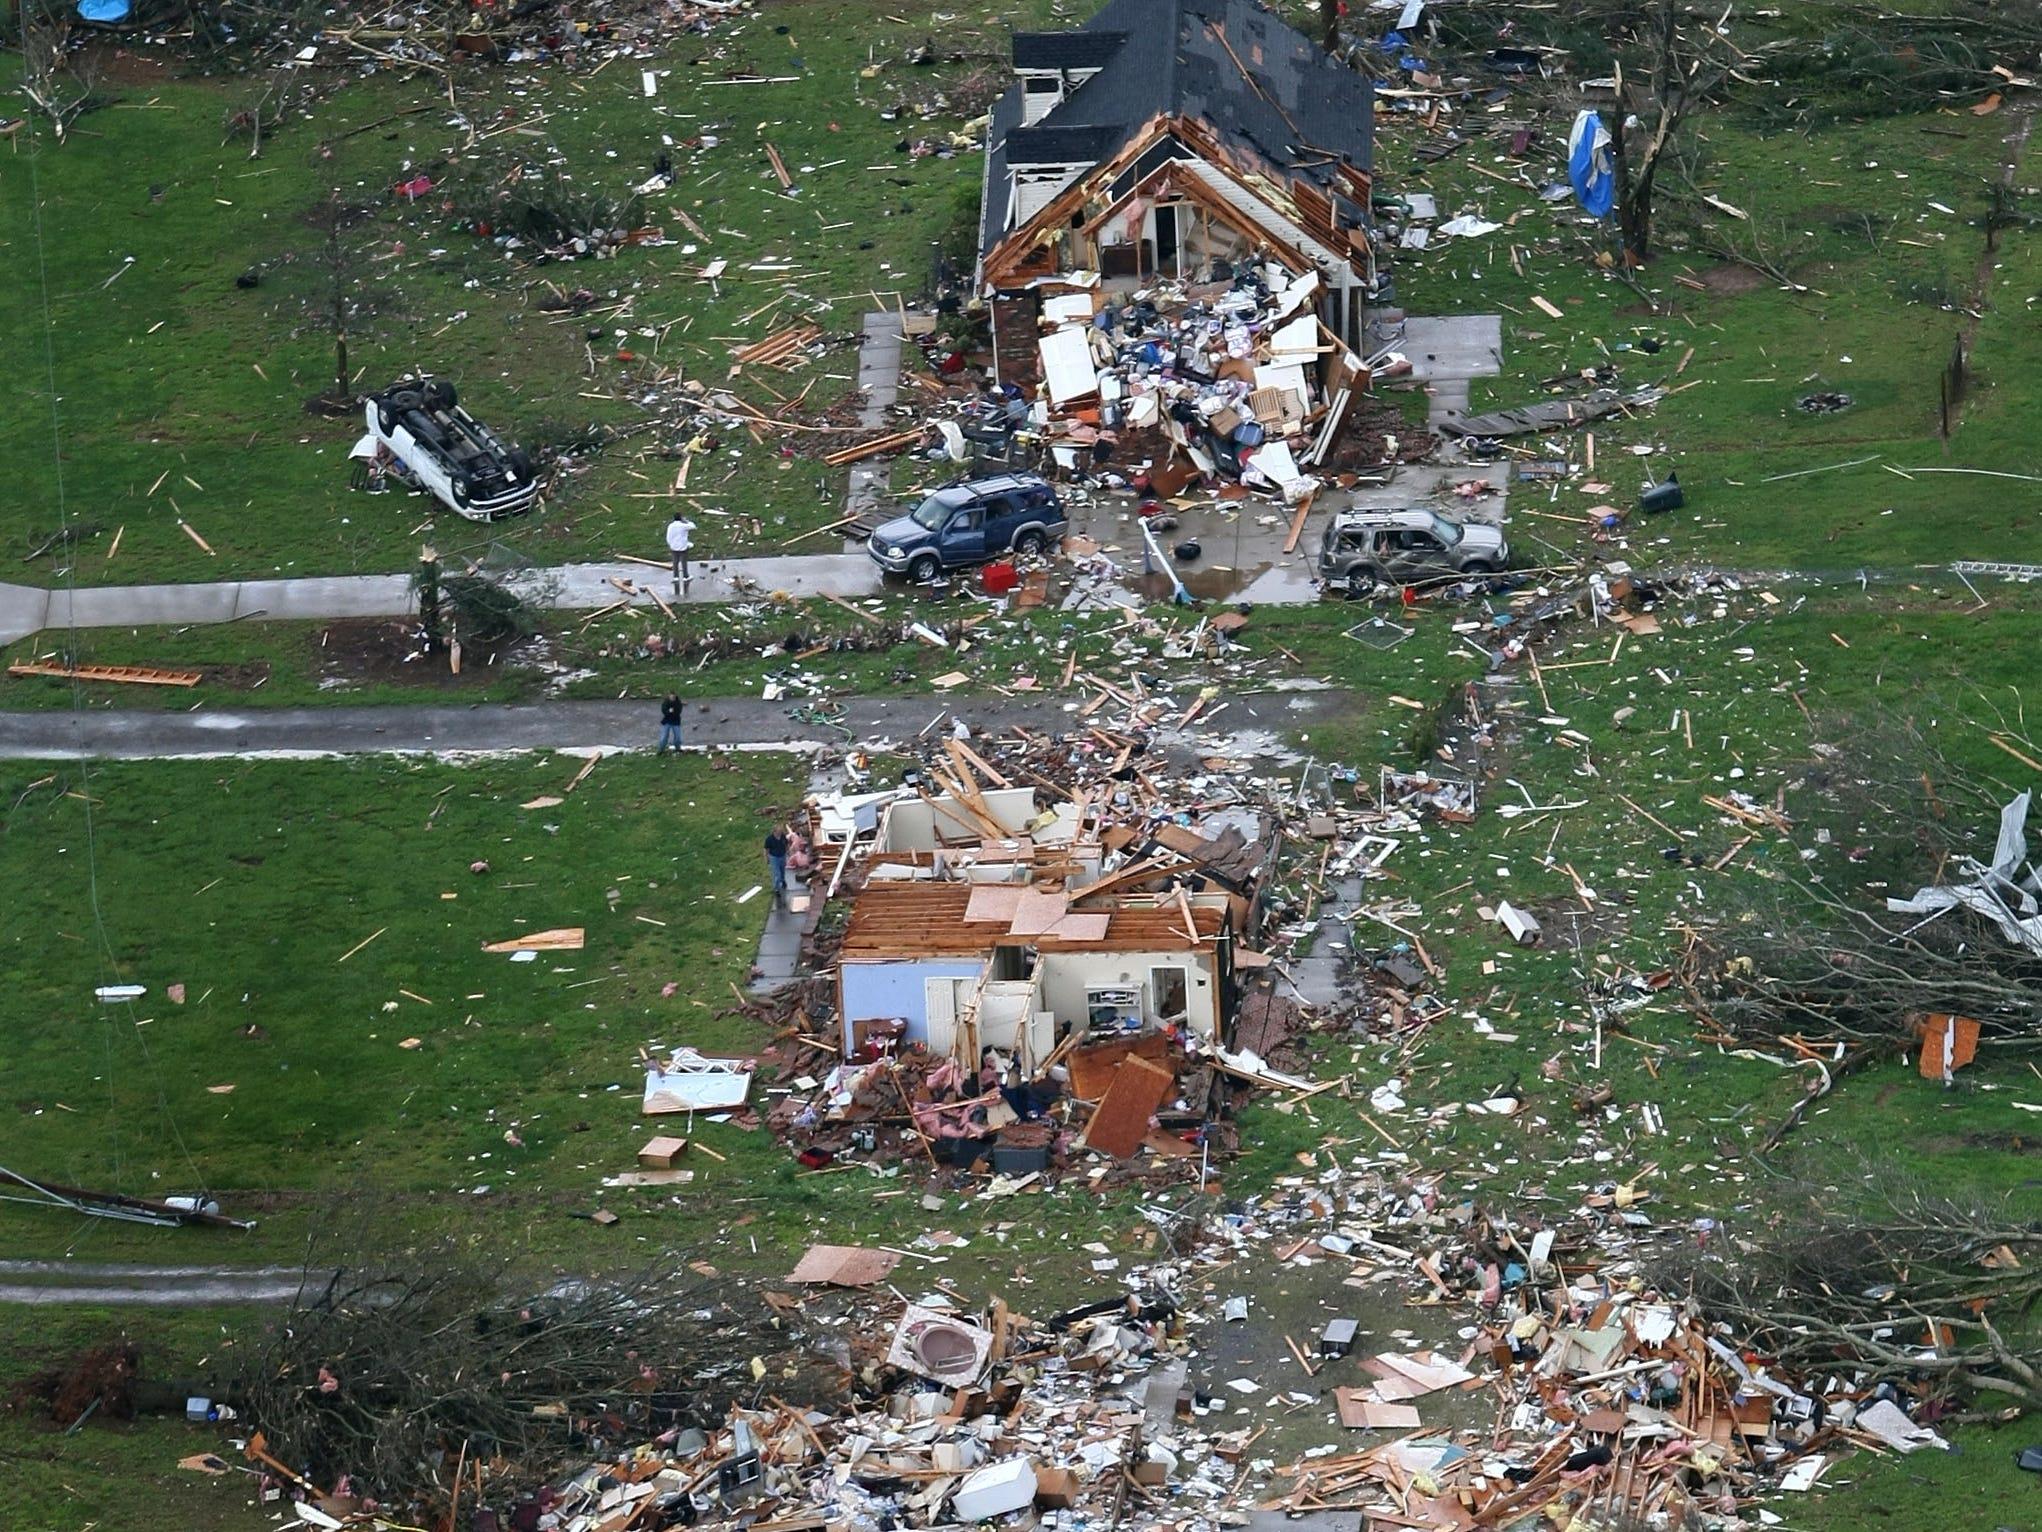 Aerial view of the tornado damage in Murfreesboro, Tenn. The tornado cut a 10 mile path through the city.  April 10, 2009